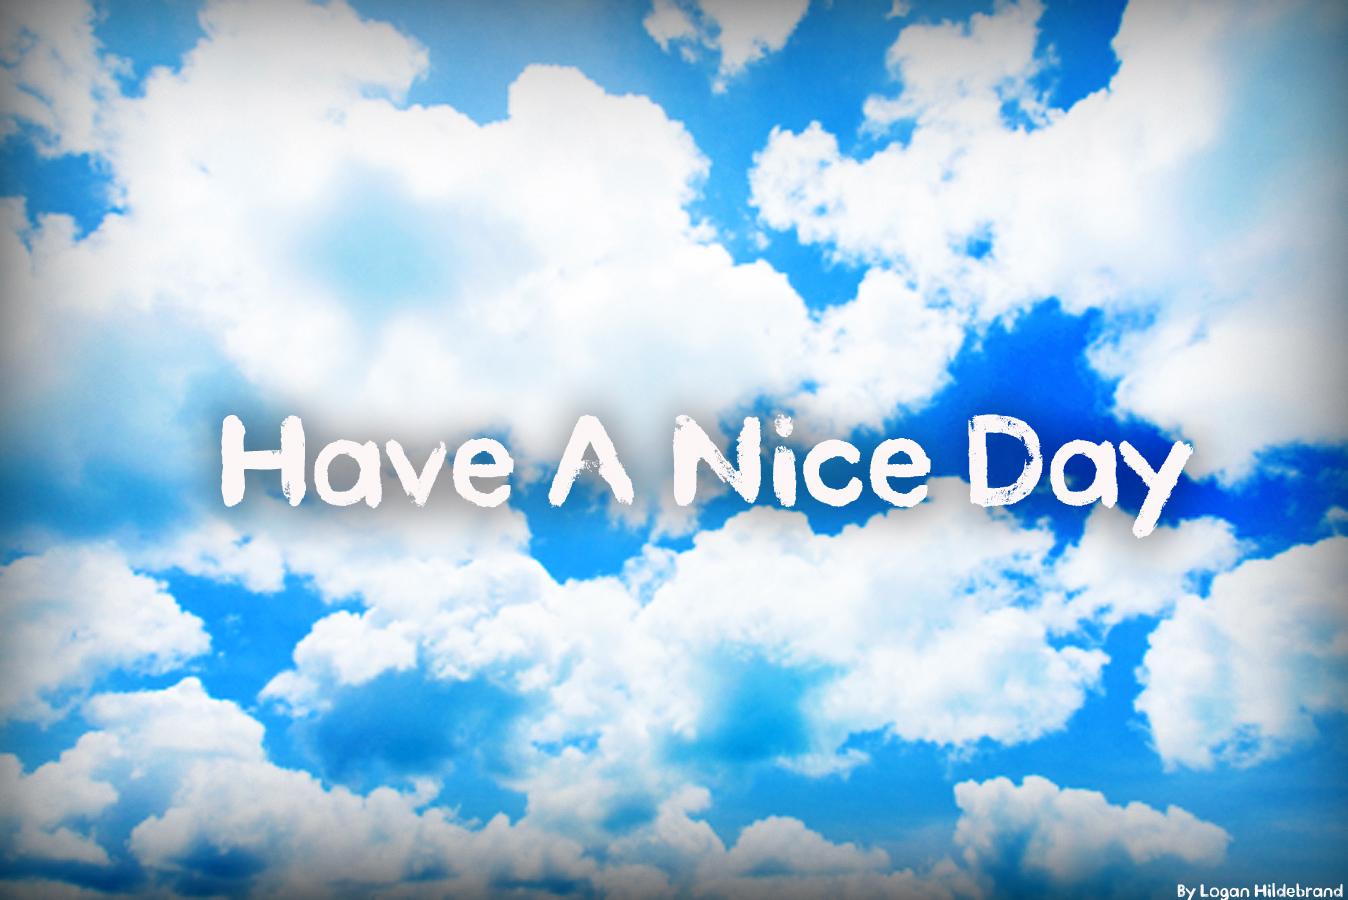 http://3.bp.blogspot.com/-Ewlud-KWlH0/UO7sWS12bJI/AAAAAAAABEg/eX9qkD03gtQ/s1600/nice+day+copy.jpg